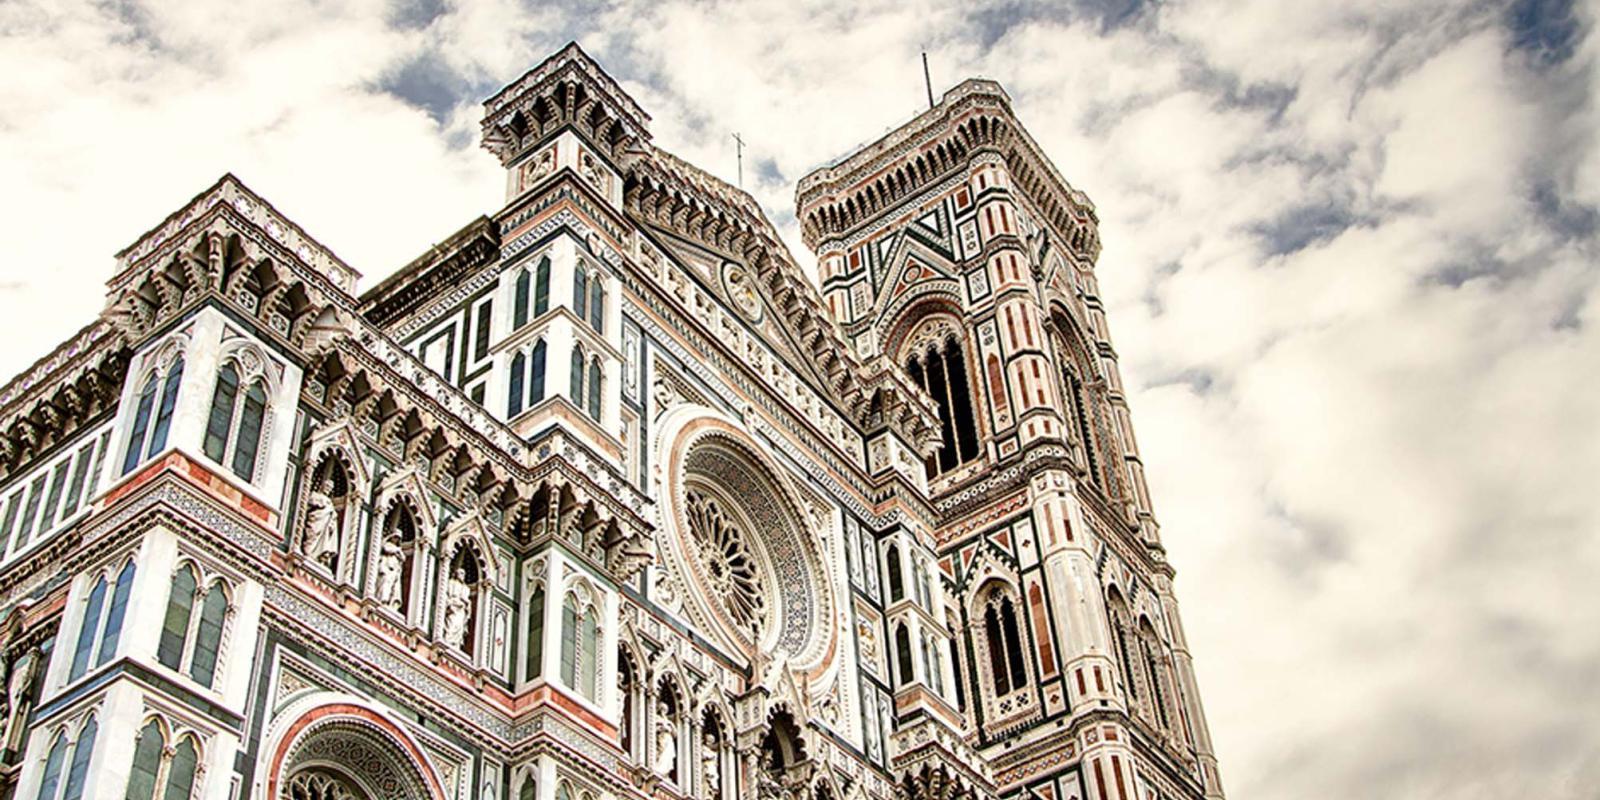 Cattedrale in Piazza del Duomo e campanile di Giotto